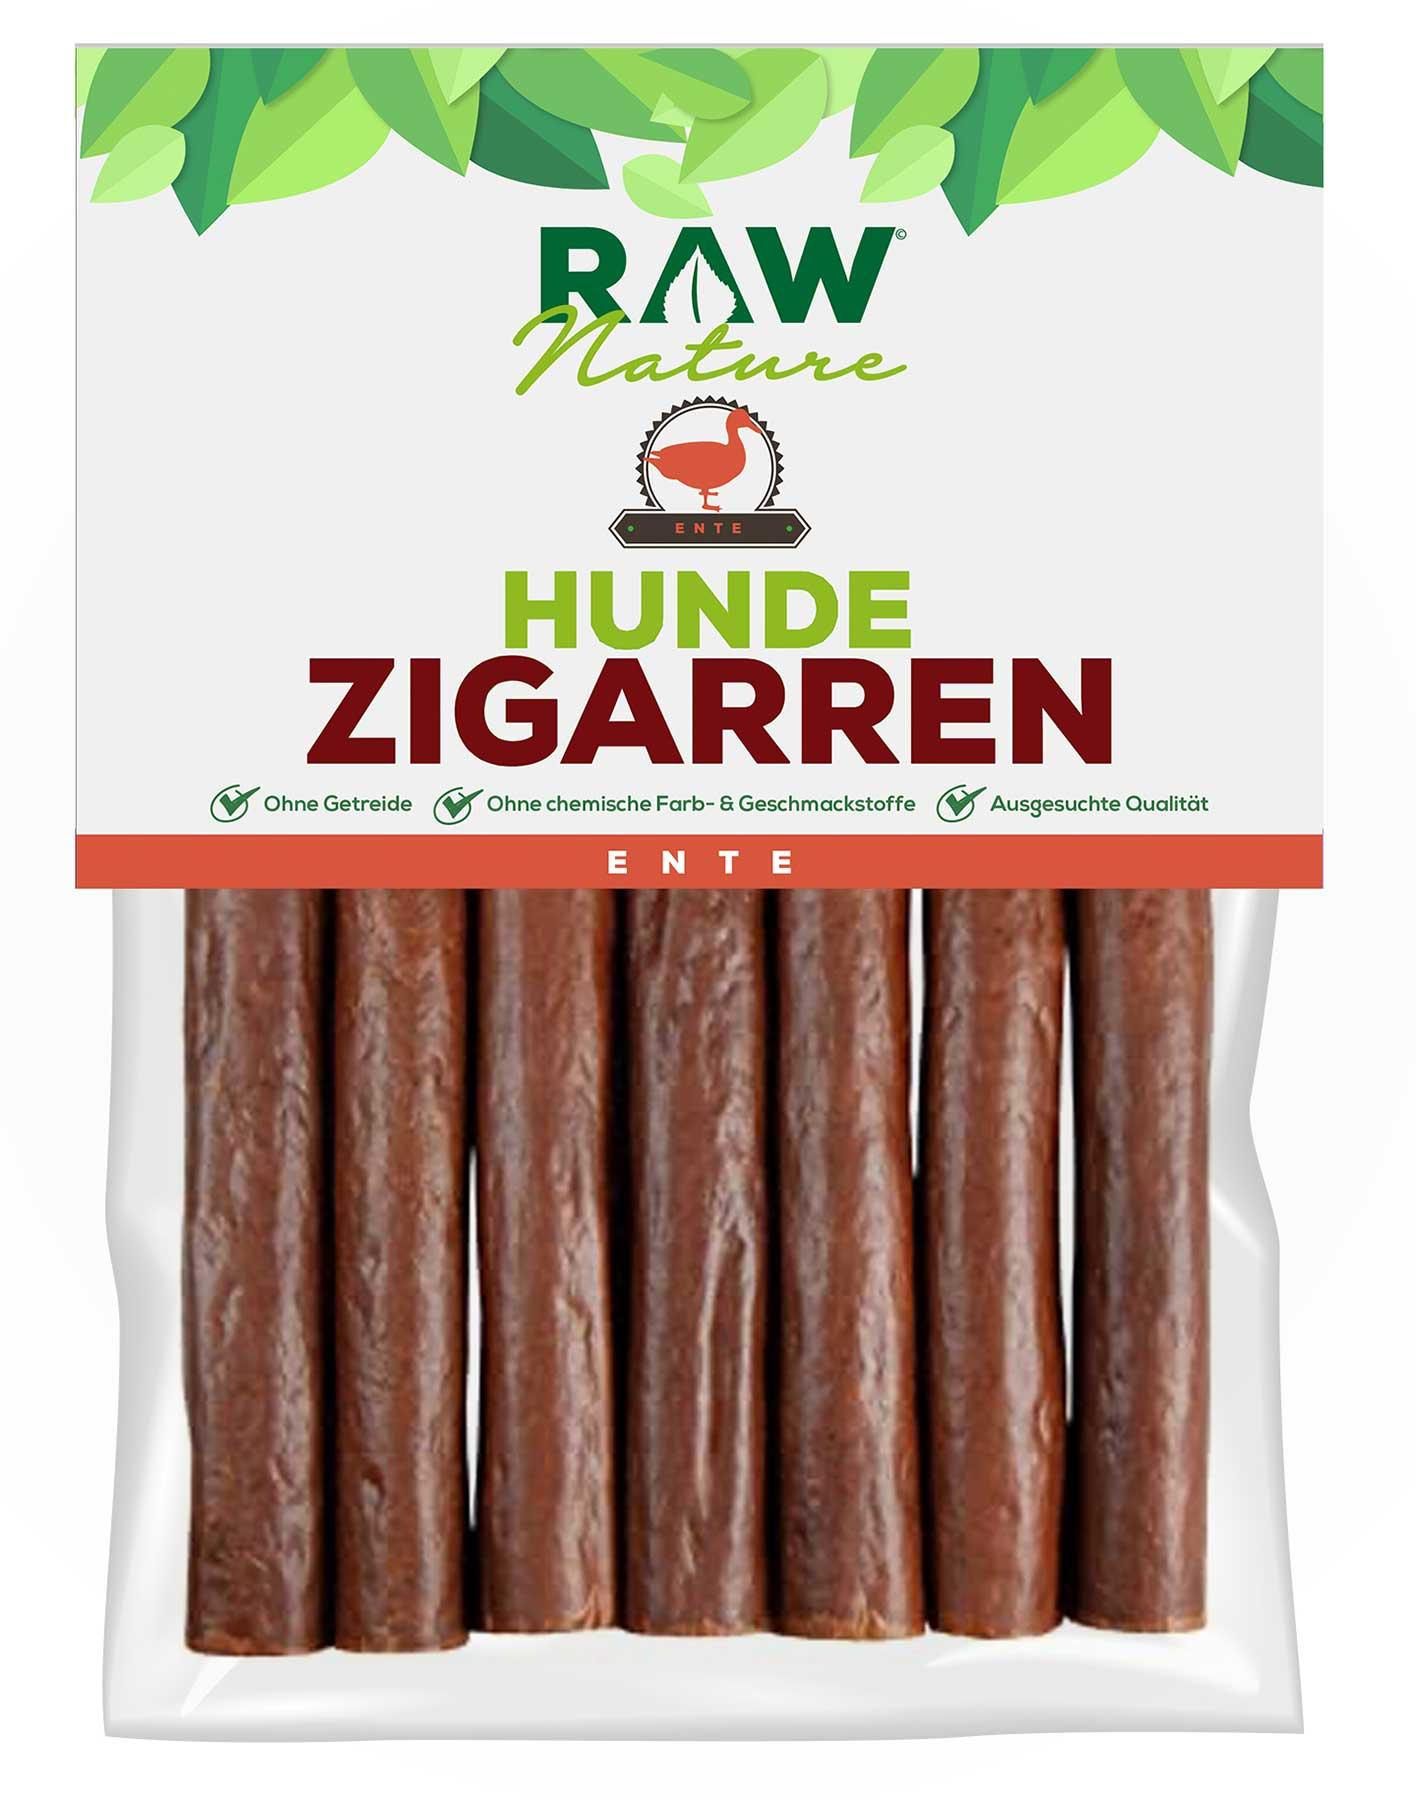 Hunde-Zigarre mit Ente - 7 Stück